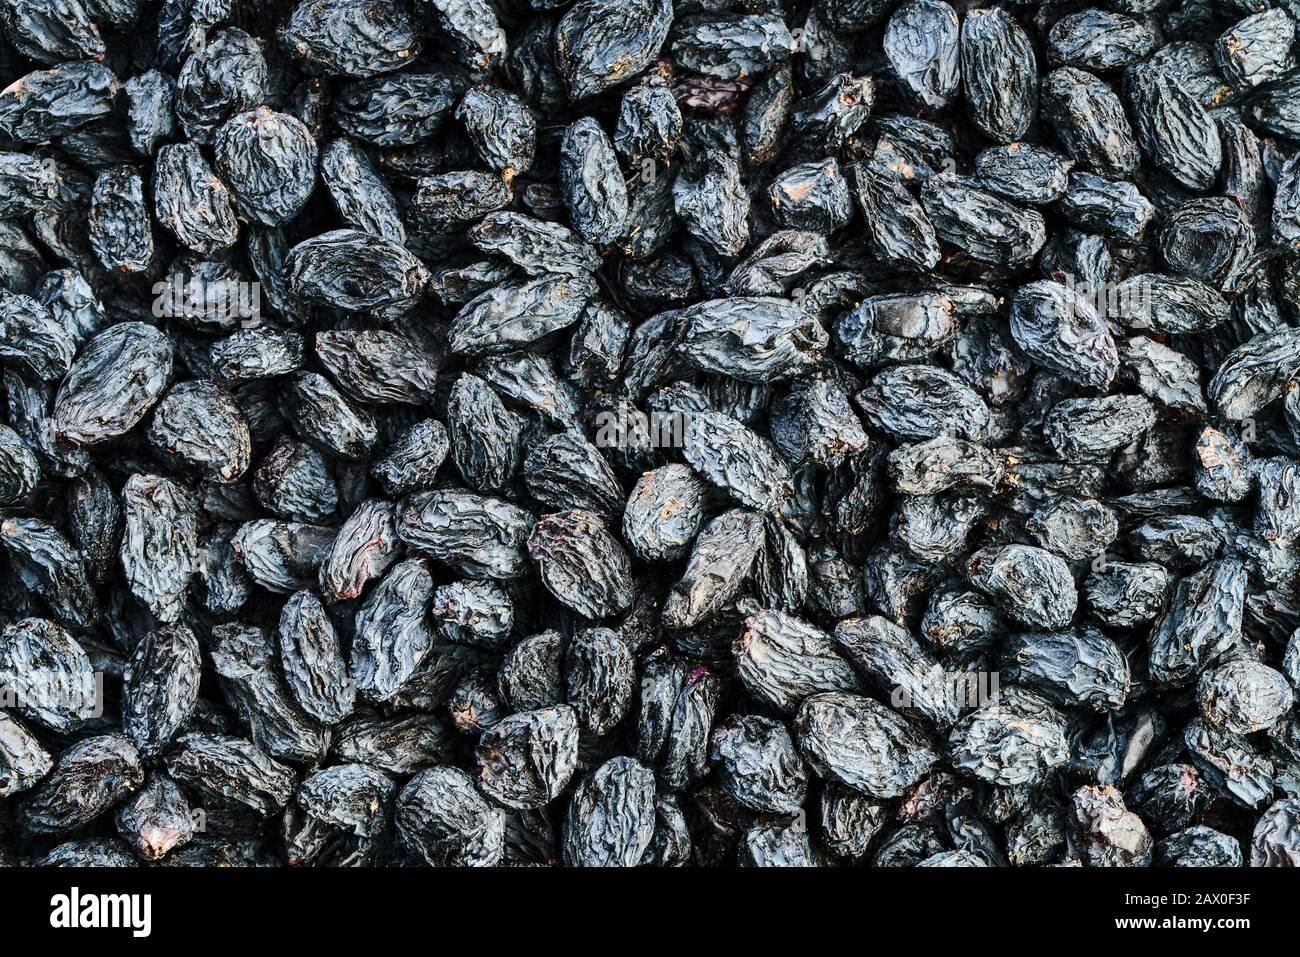 fond de nourriture de la texture de la fermeture de raisin sec Banque D'Images